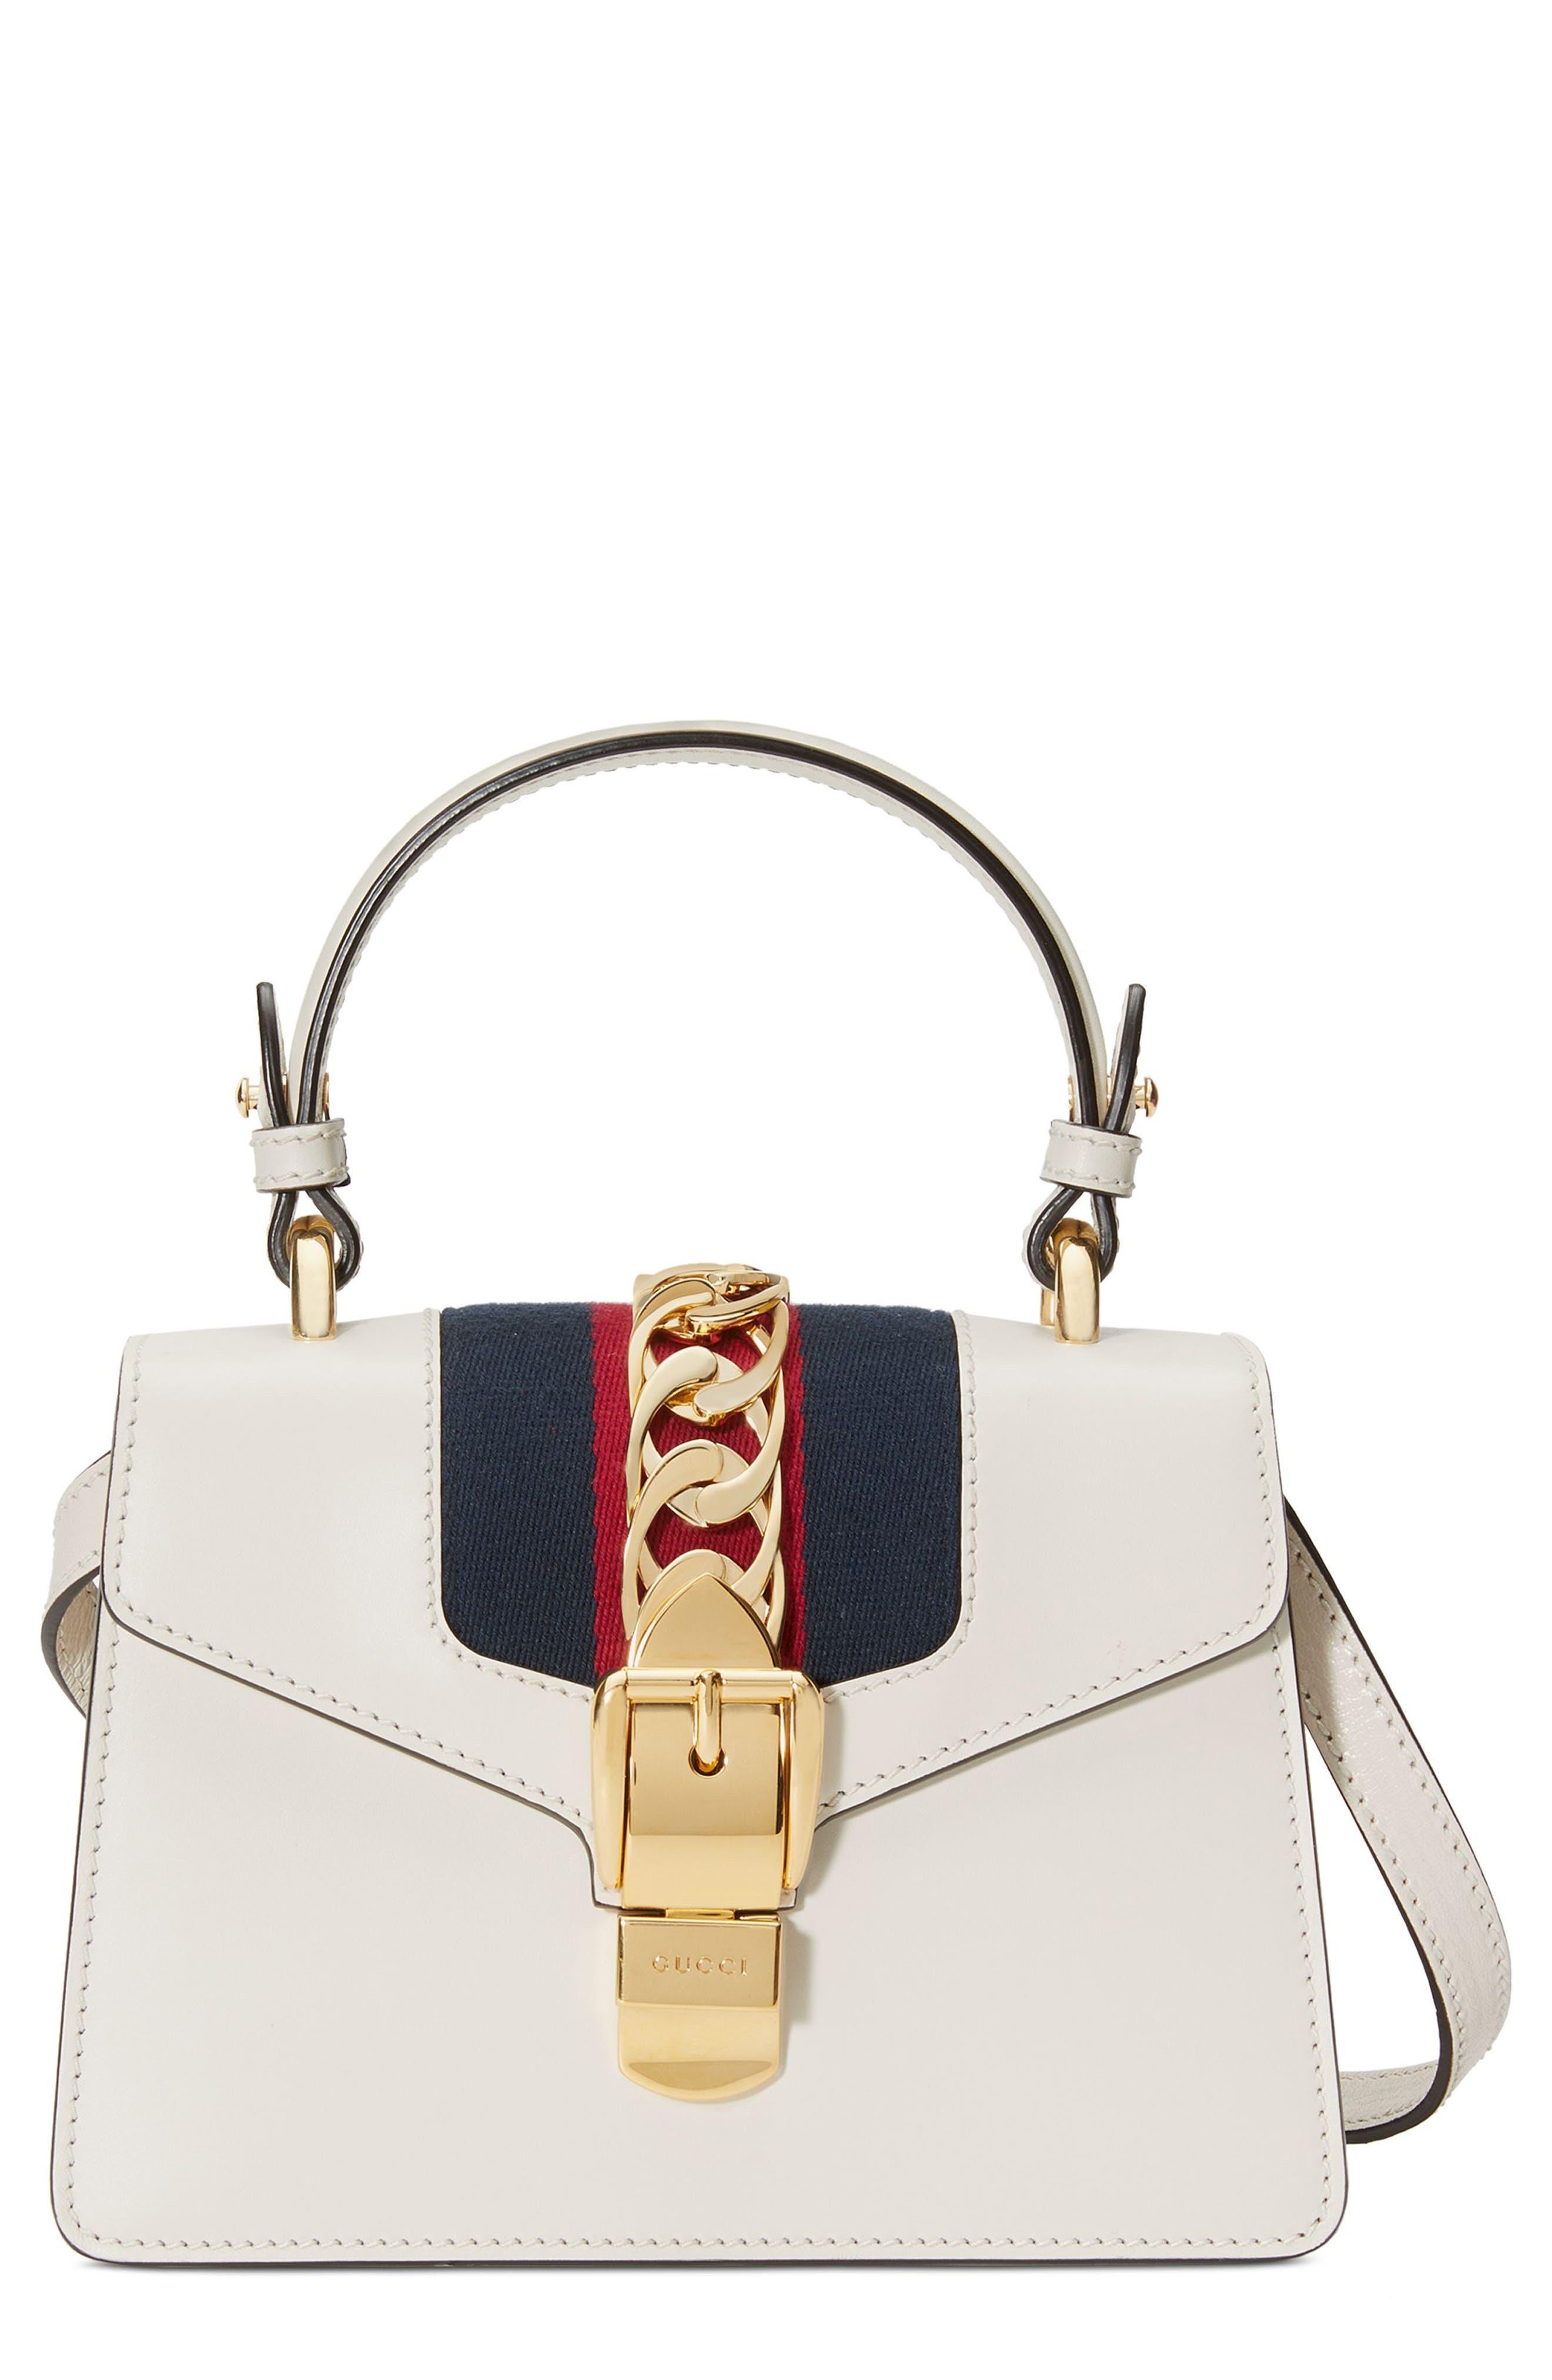 Mini Sylvie Top Handle Leather Shoulder Bag,                             Main thumbnail 1, color,                             MYSTIC WHITE